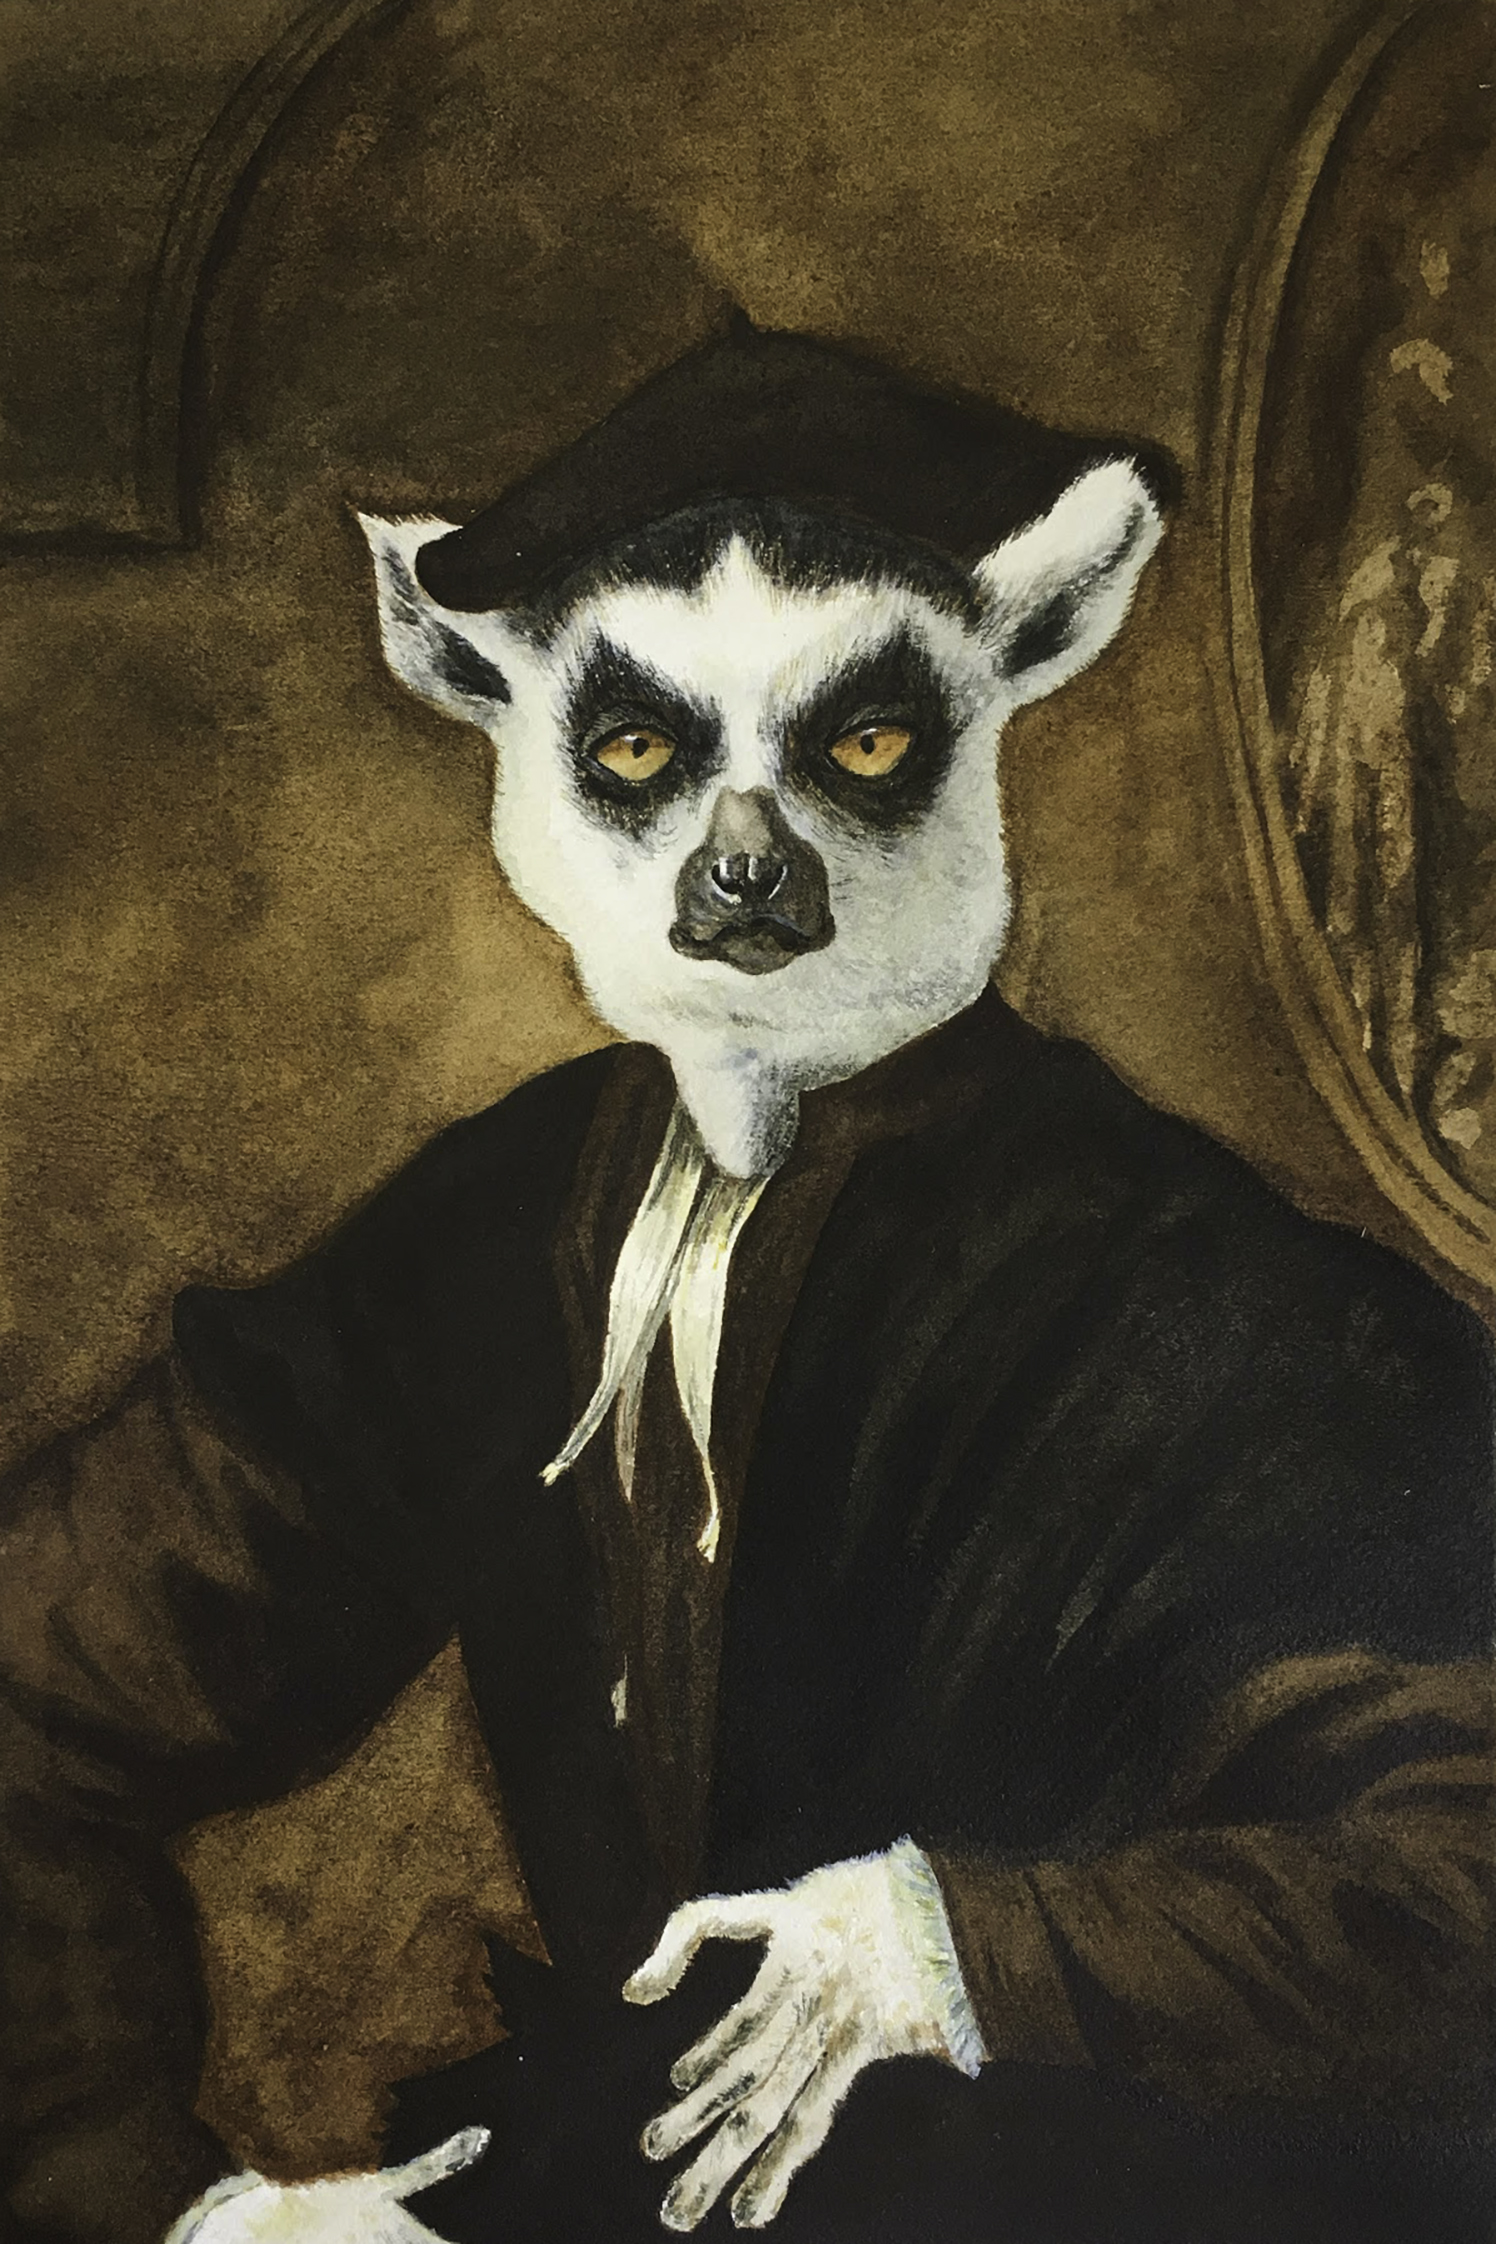 Portrait of a Young Lemur